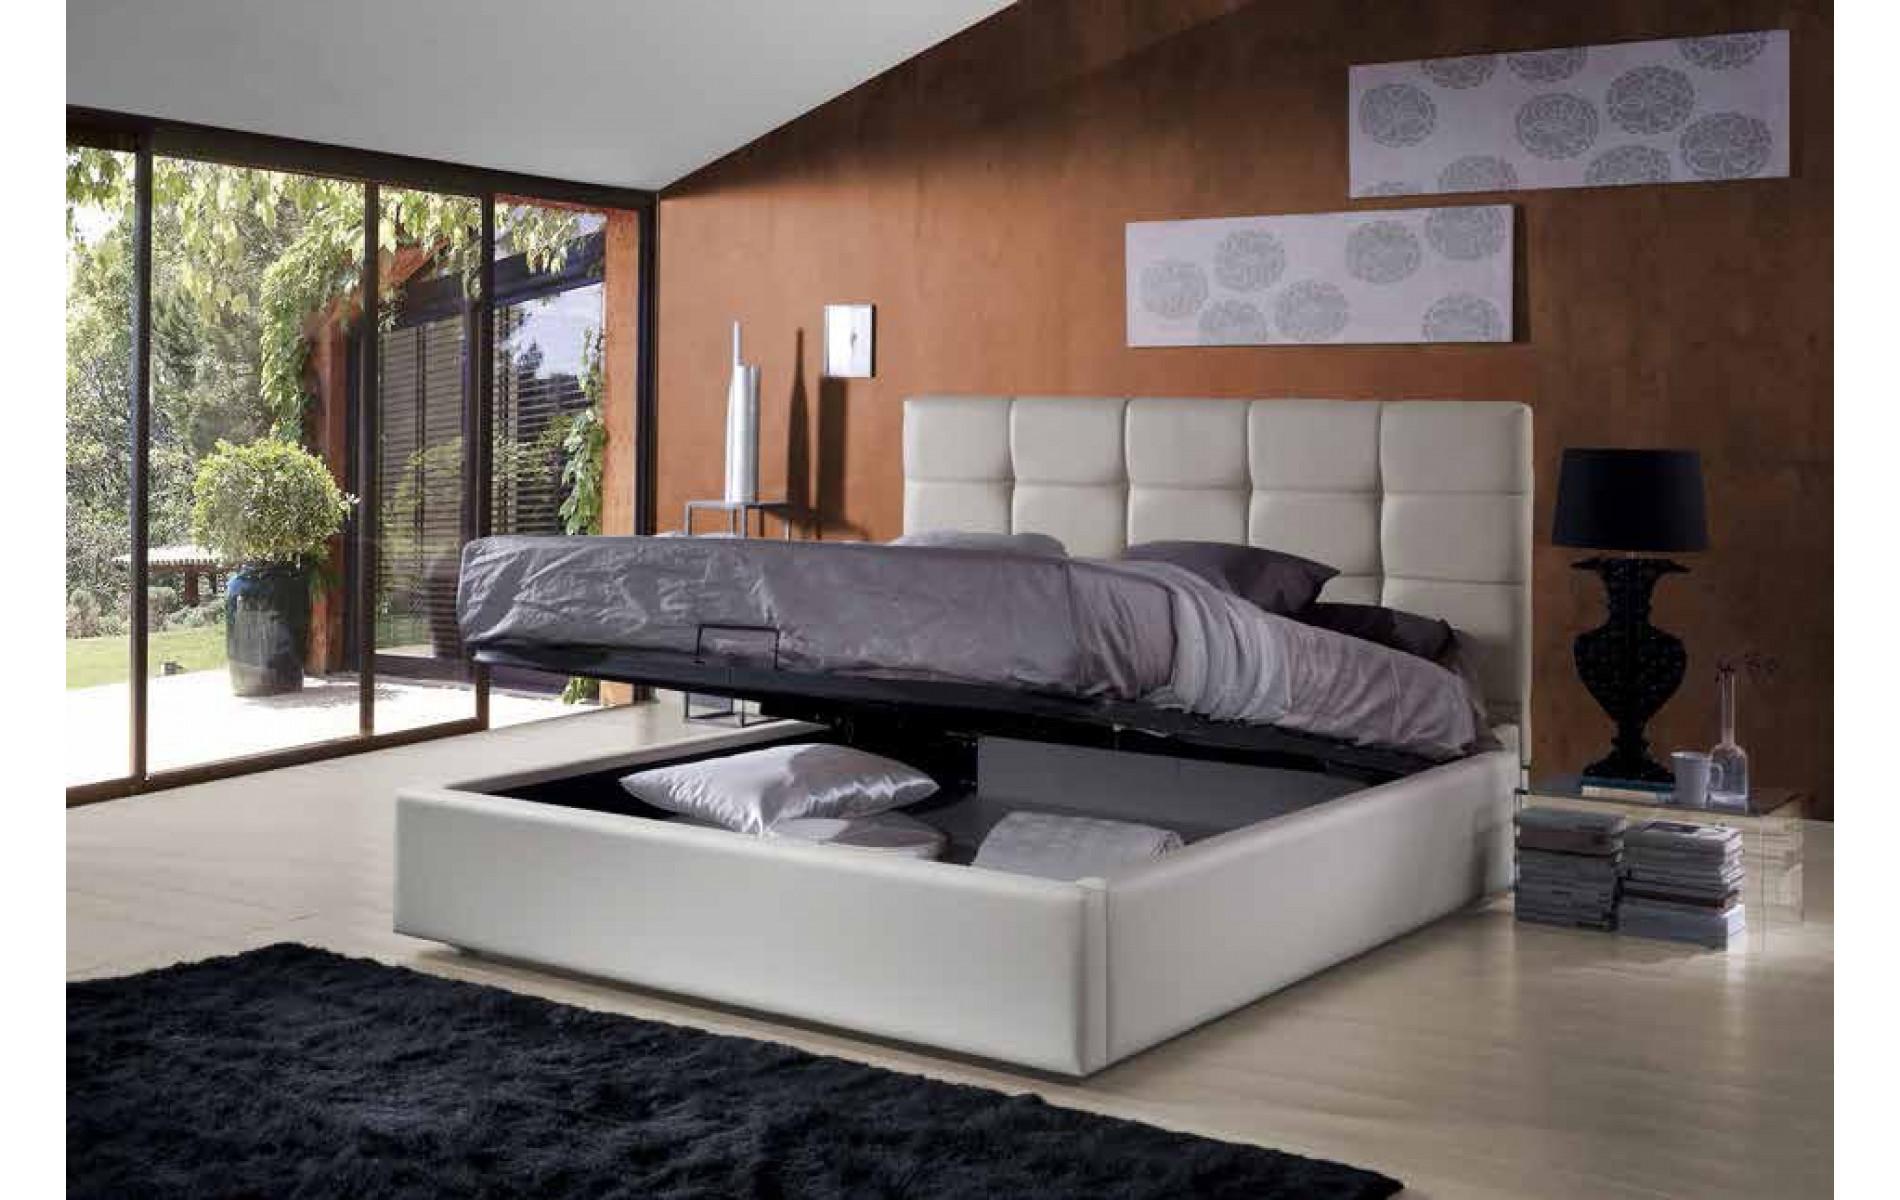 Кровать Prima, фабрика Misura salotti